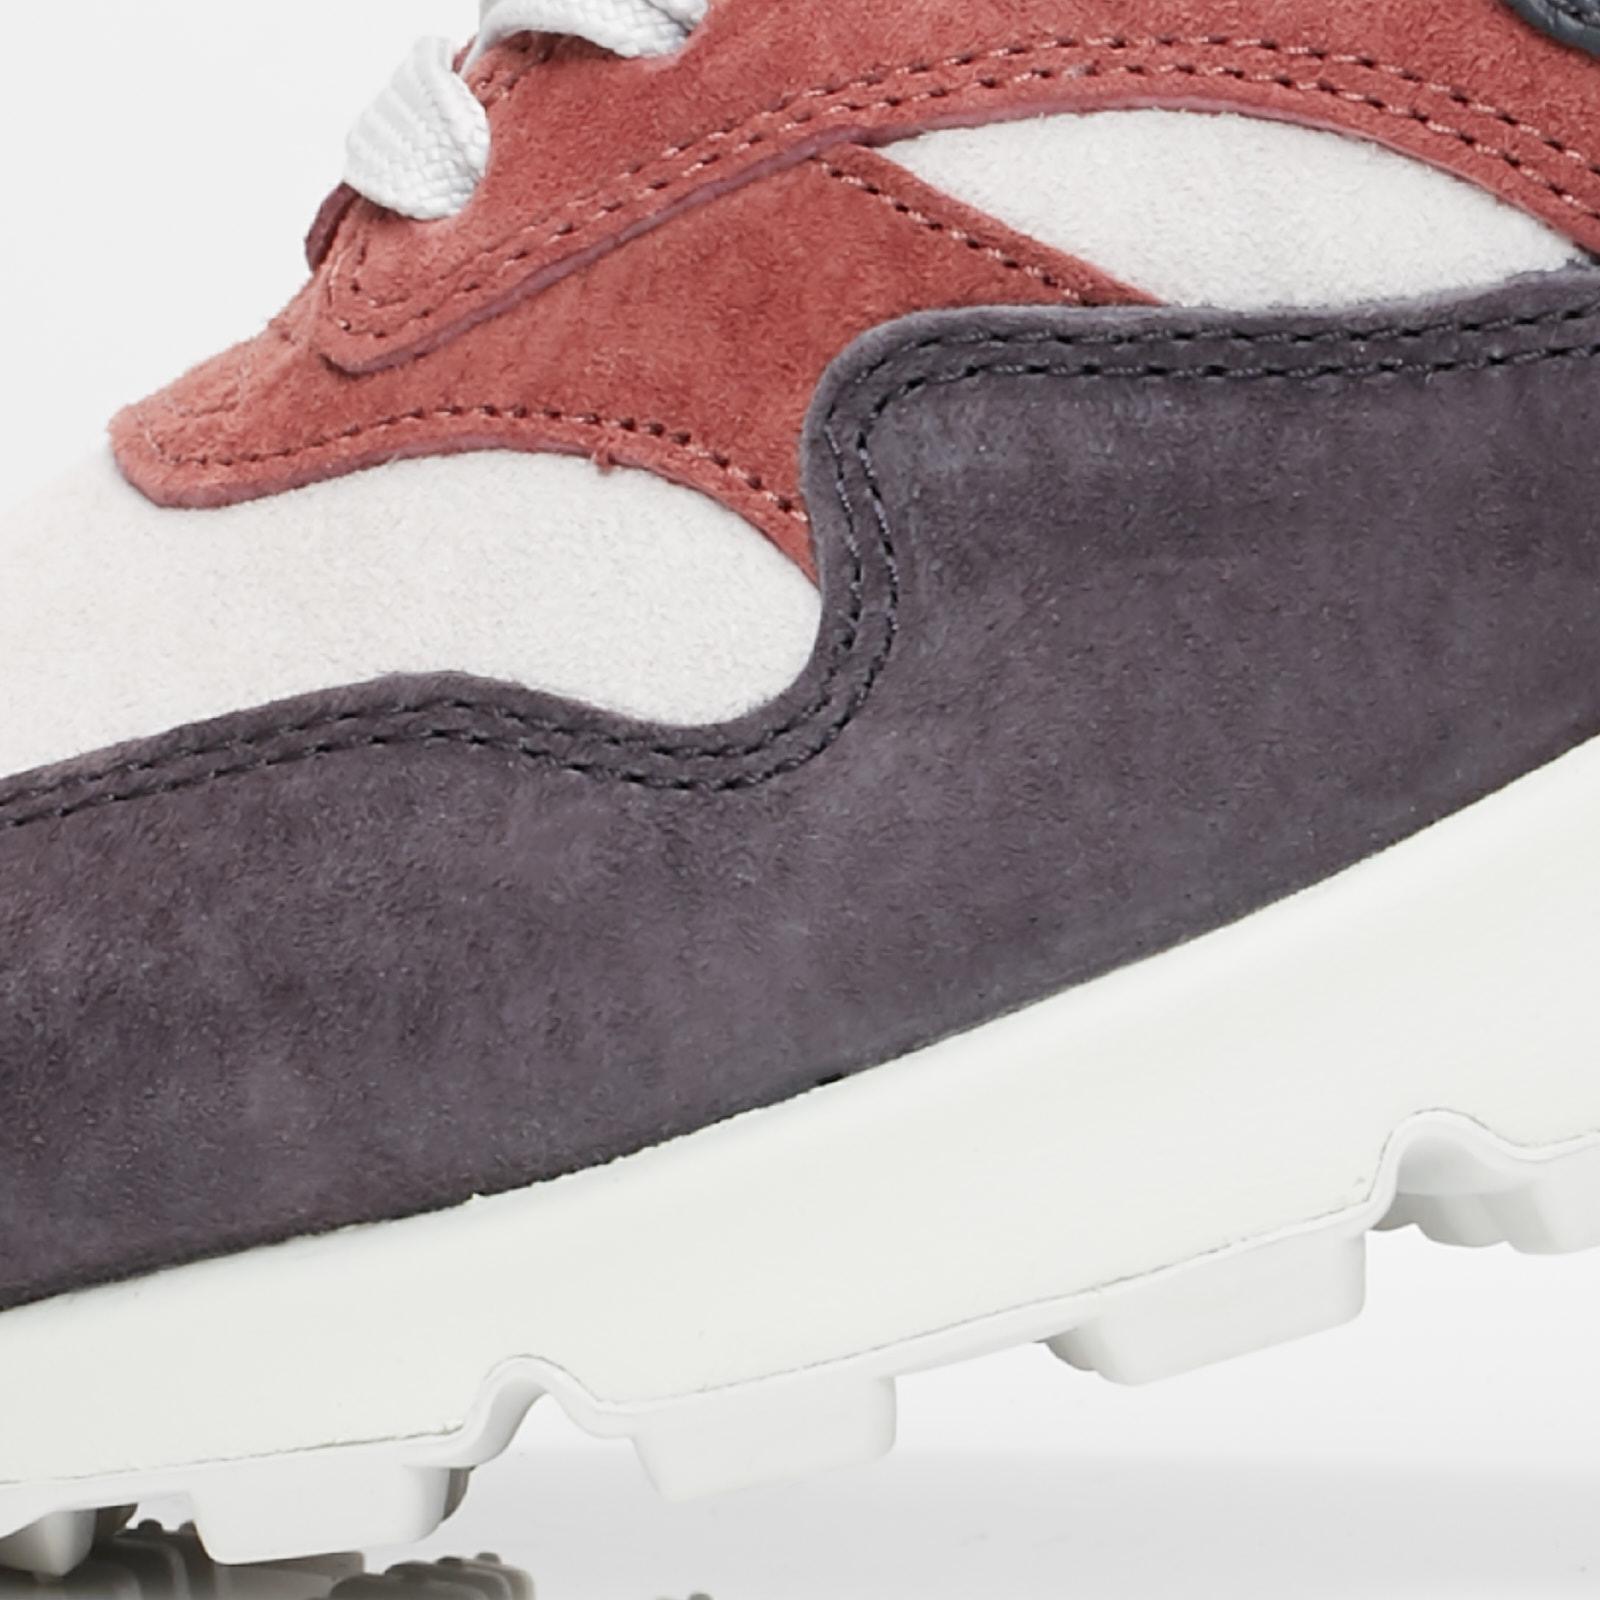 45c27c9192d2 Nike Wmns Air Max 90 1 - Aq1273-200 - Sneakersnstuff